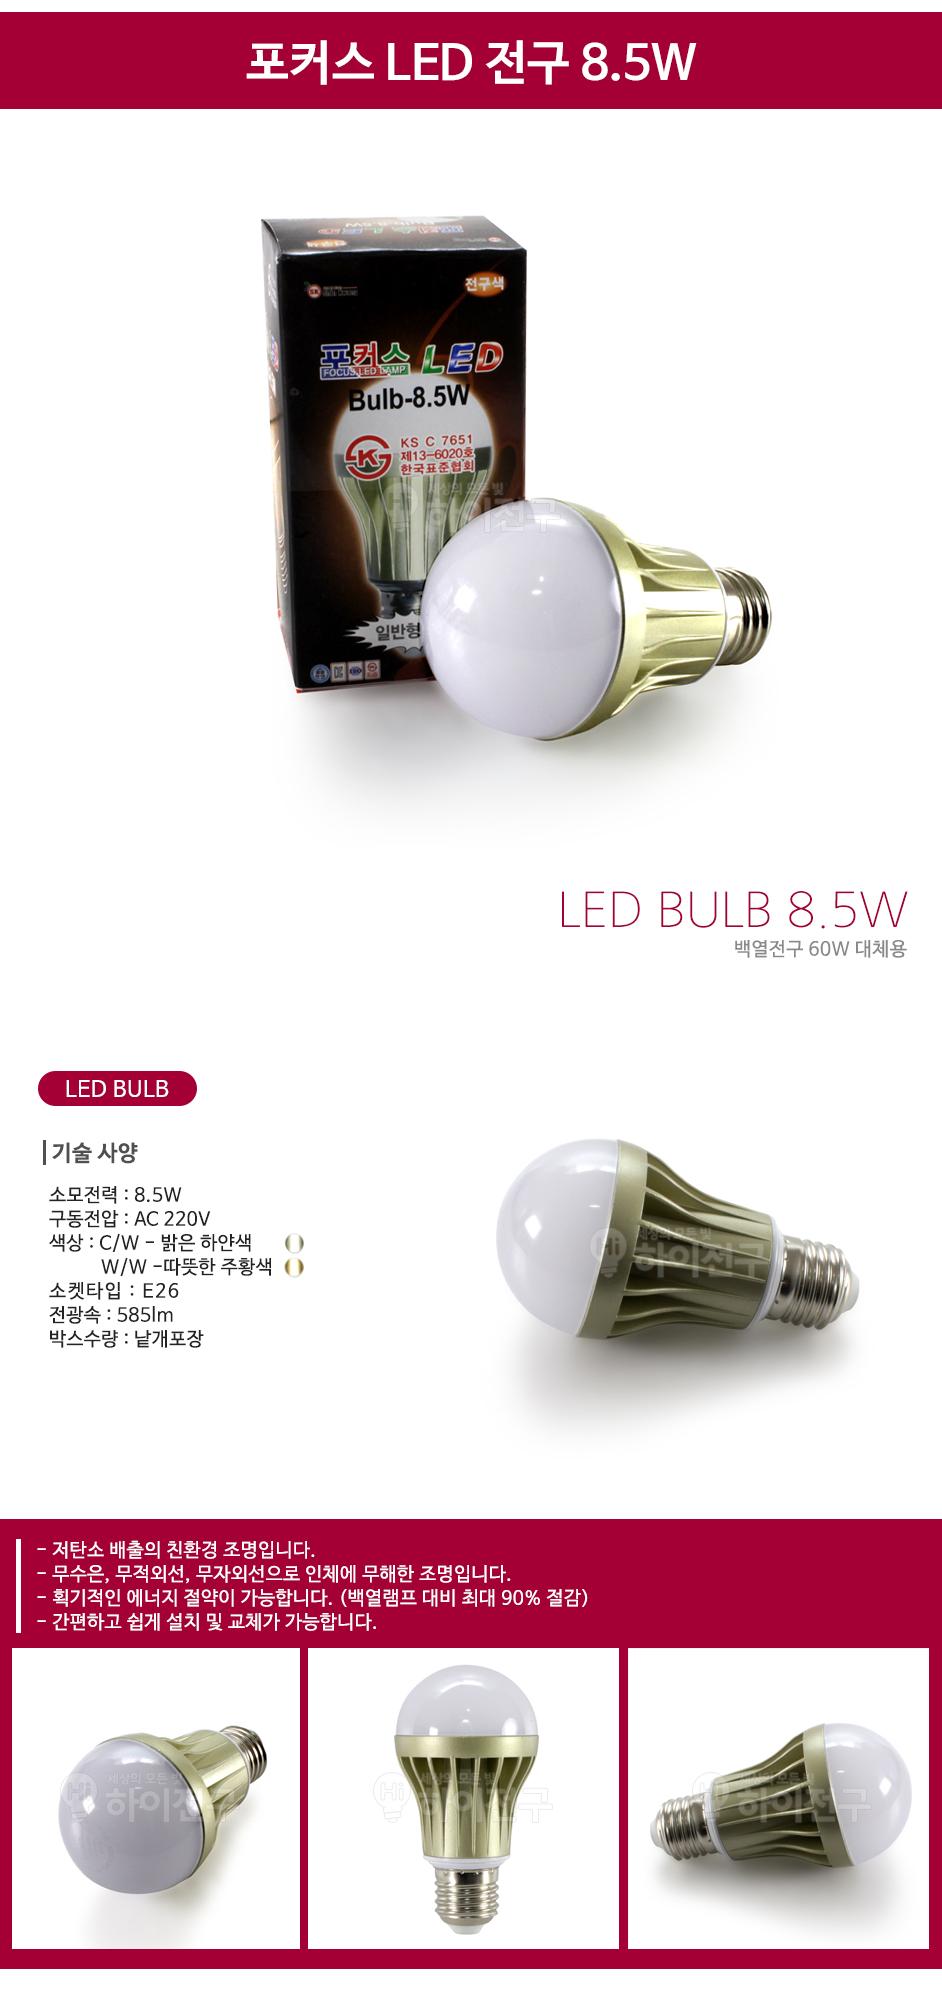 포커스 LED 전구 8.5w LED백열등 인테리어등 카페조명 백열조명 LED조명 엔틱전구 인테리어전구 인테리어조명 디자인조명